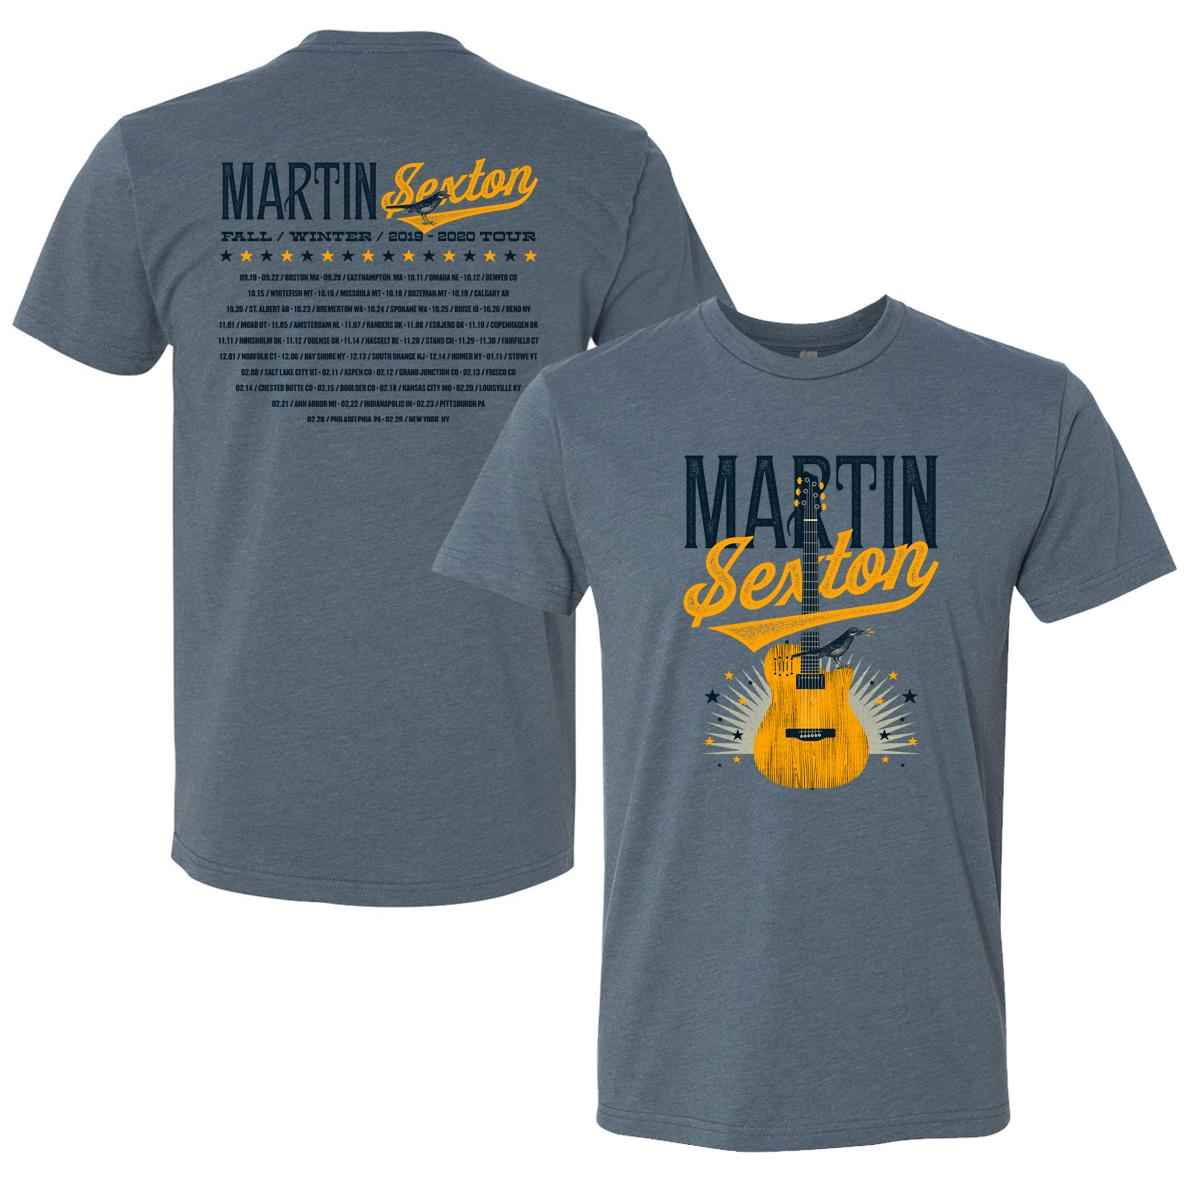 2019-2020 Fall/Winter Tour T-Shirt